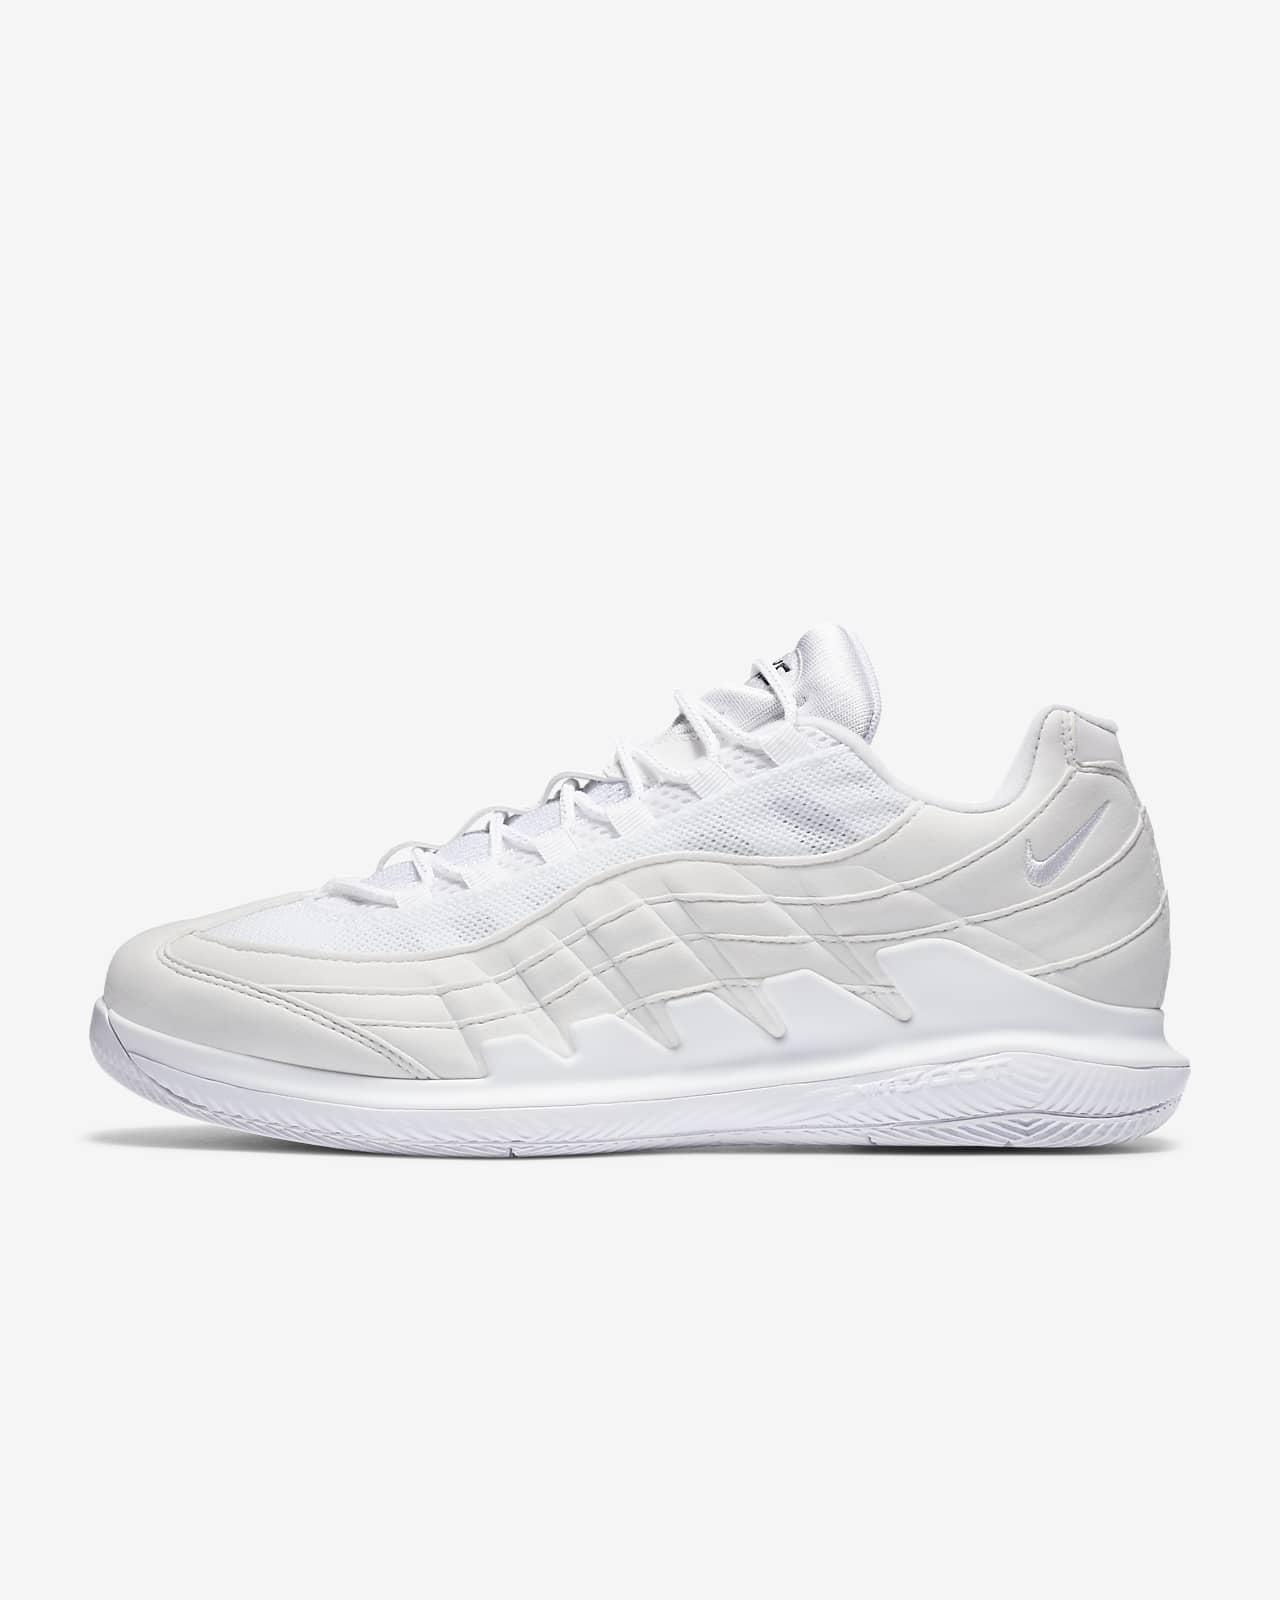 Ανδρικό παπούτσι τένις NikeCourt Zoom Vapor X Air Max 95